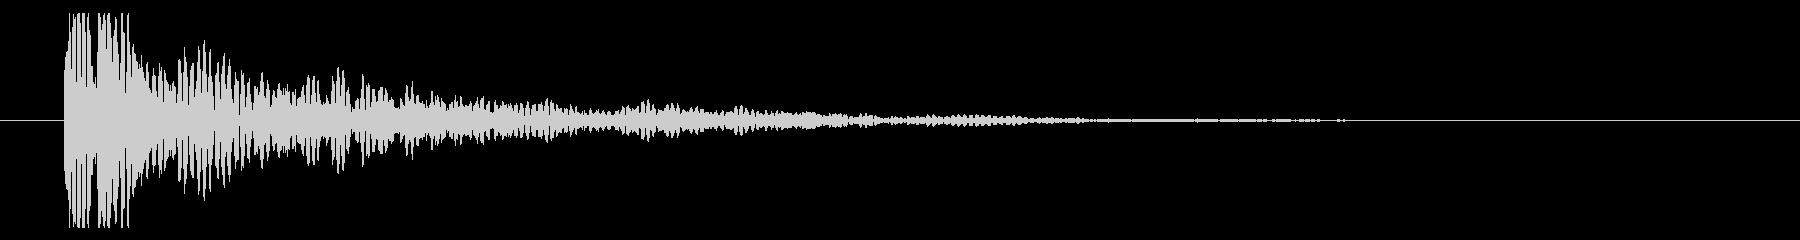 ガクン(弦を弾く音、残念、無念)の未再生の波形